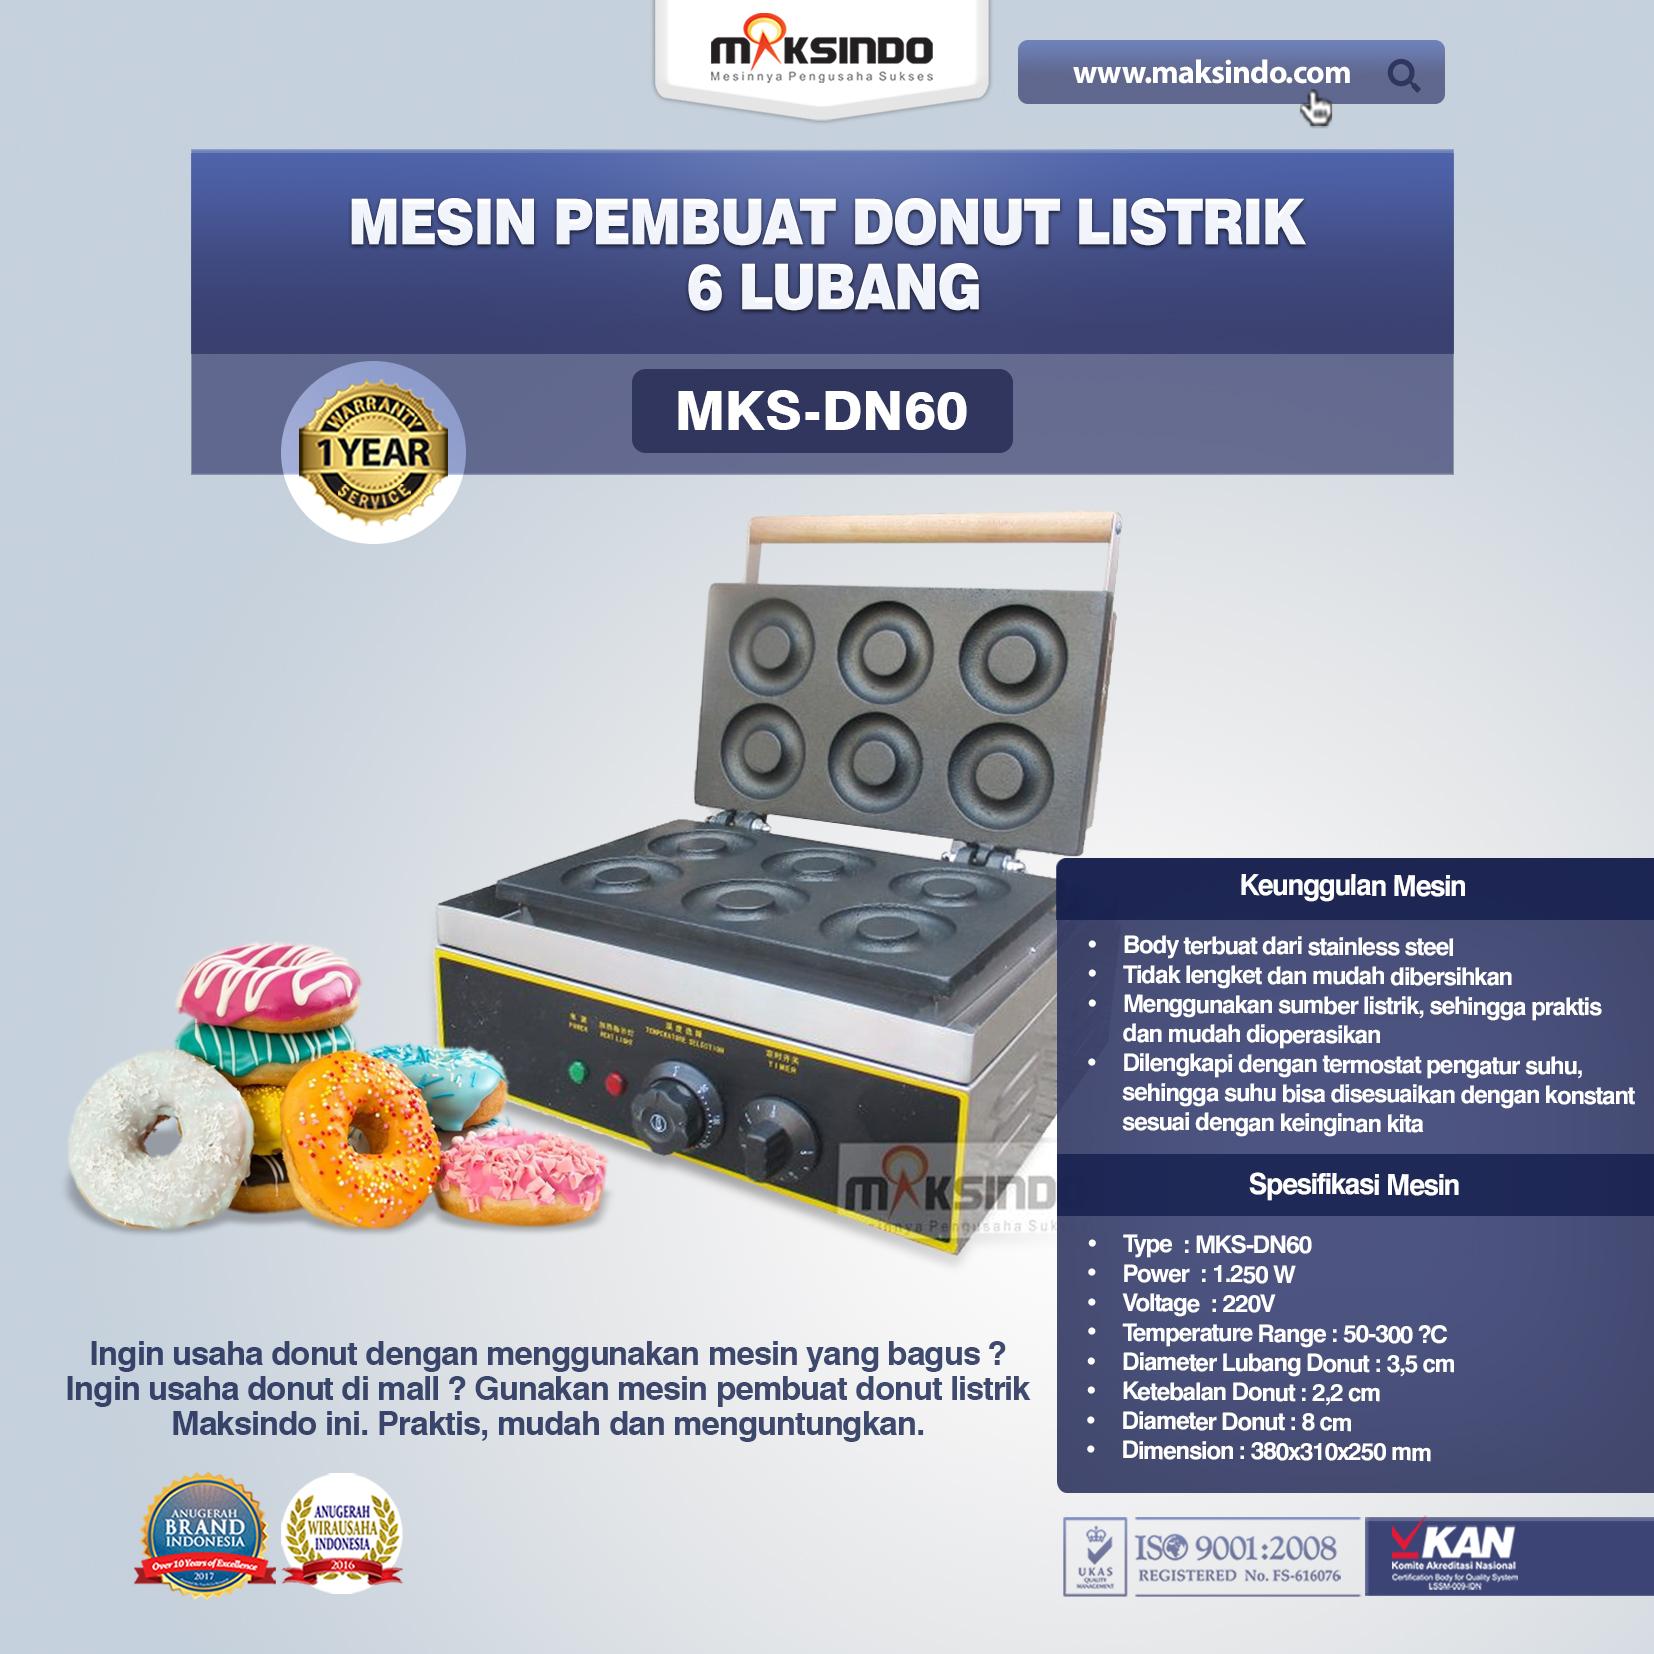 Mesin Pembuat Donut Listrik 6 Lubang MKS-DN60